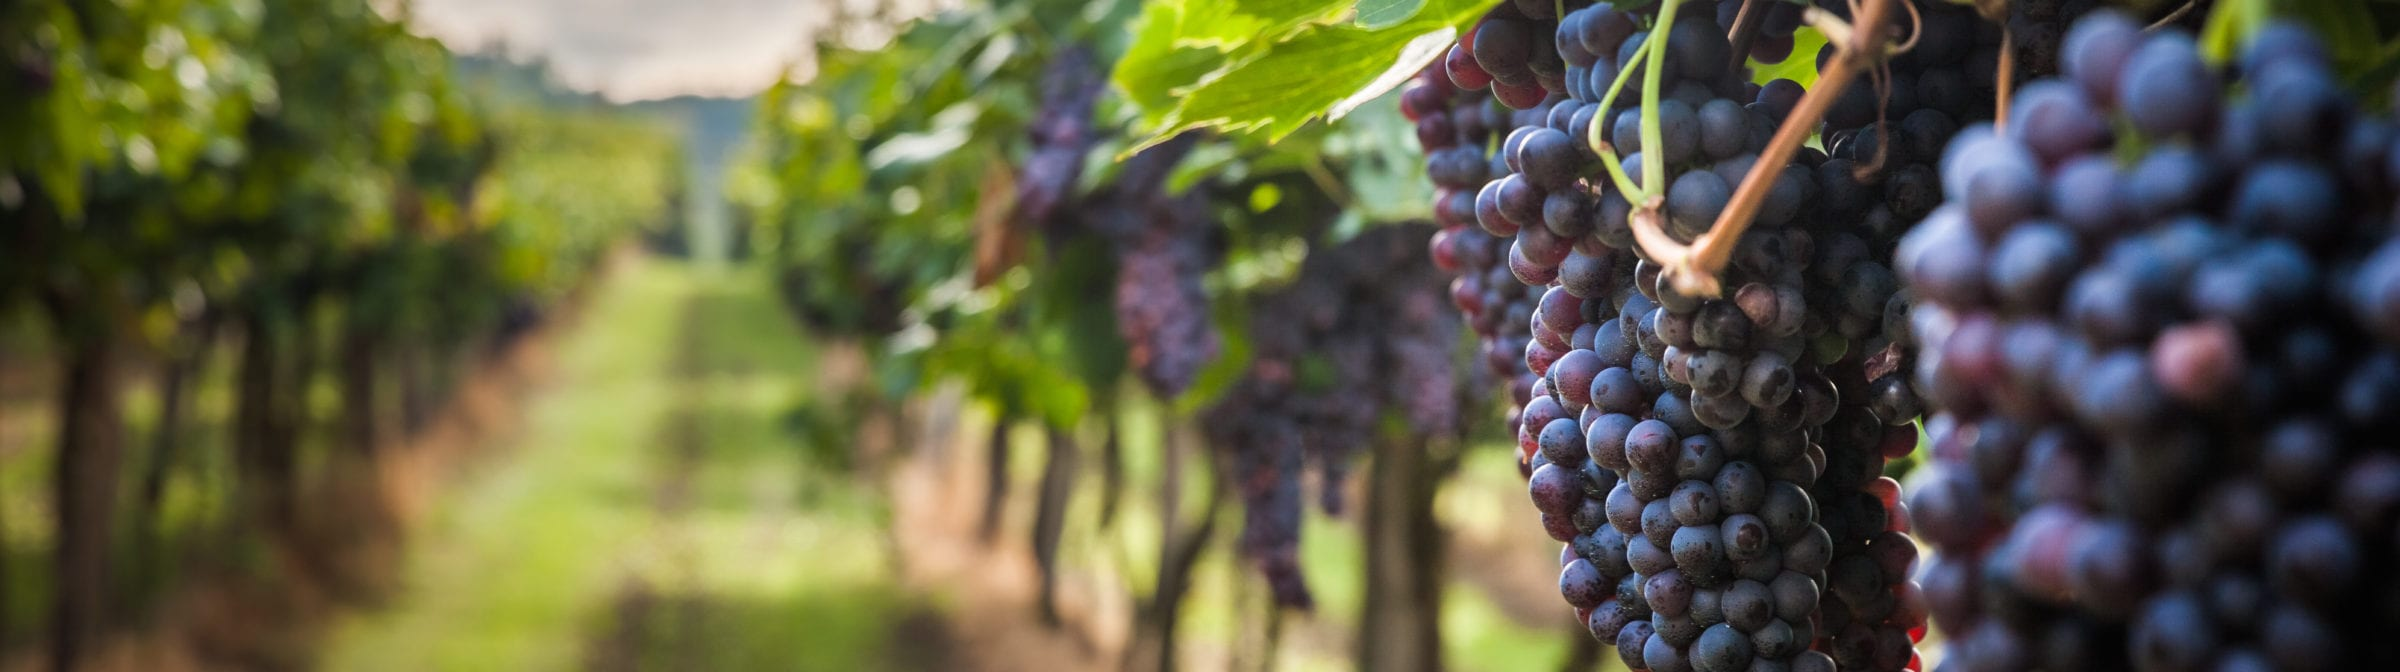 A closeup of grapes at a vineyard.